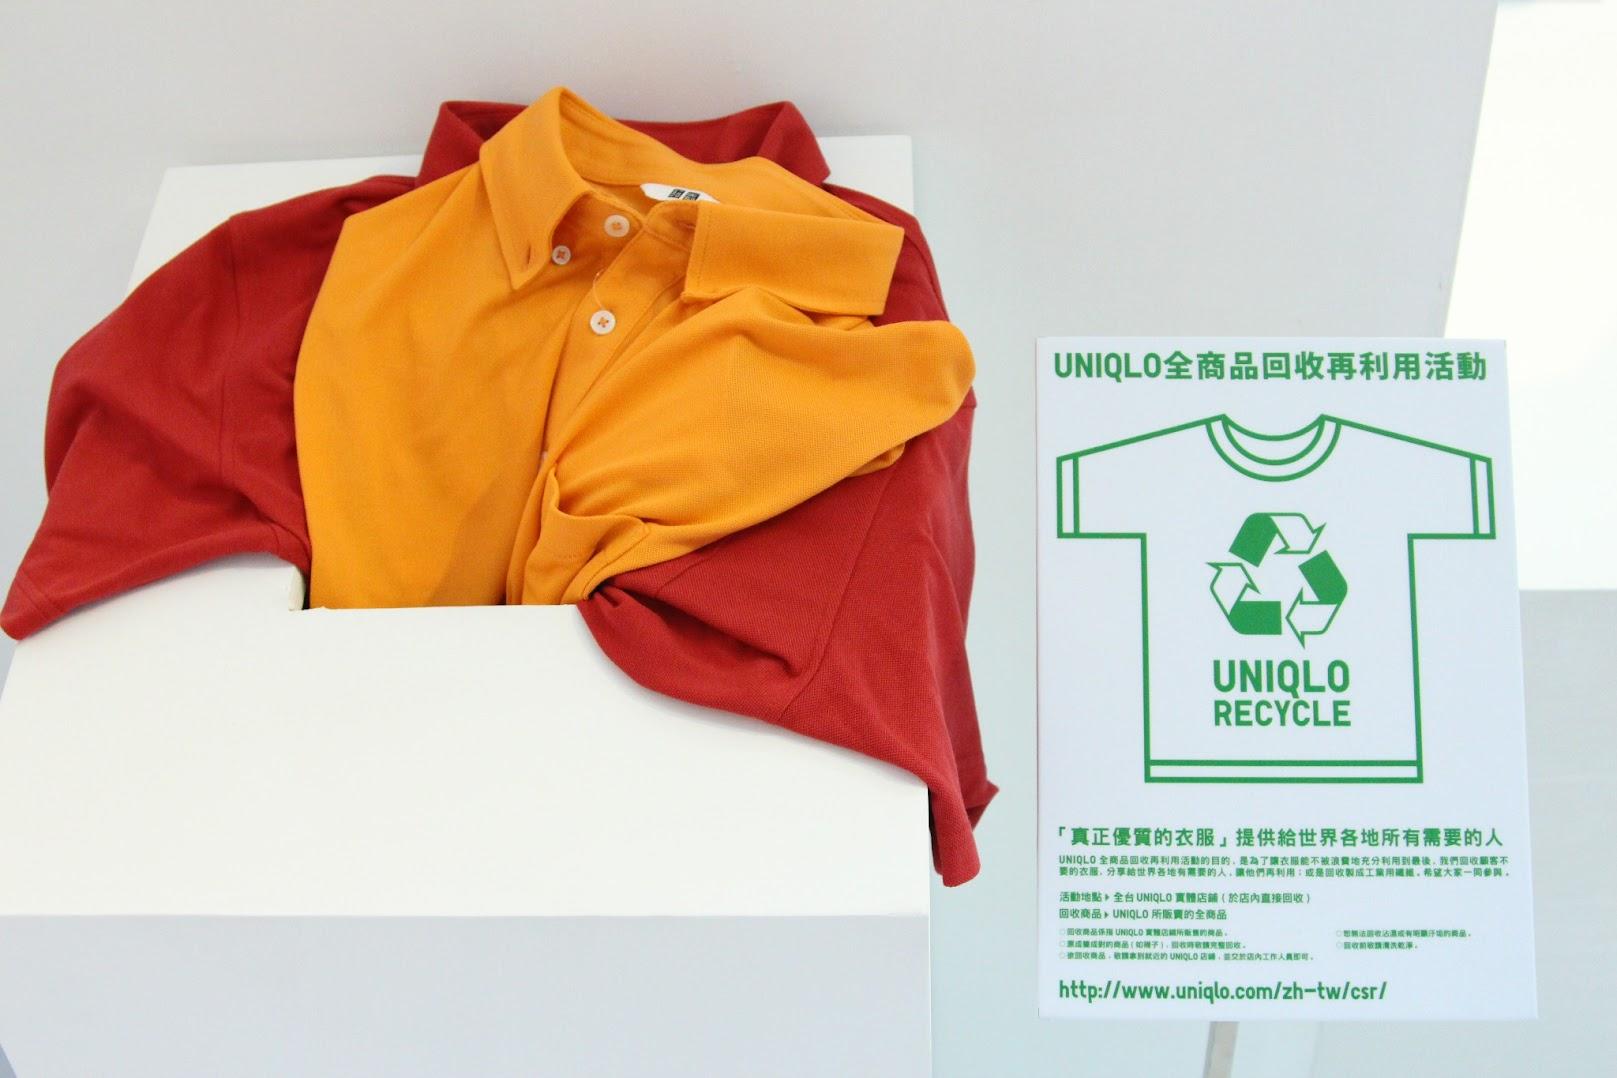 *繽紛春日花園新時尚生活:UNIQLO 2013 春夏新品搶先看! 22